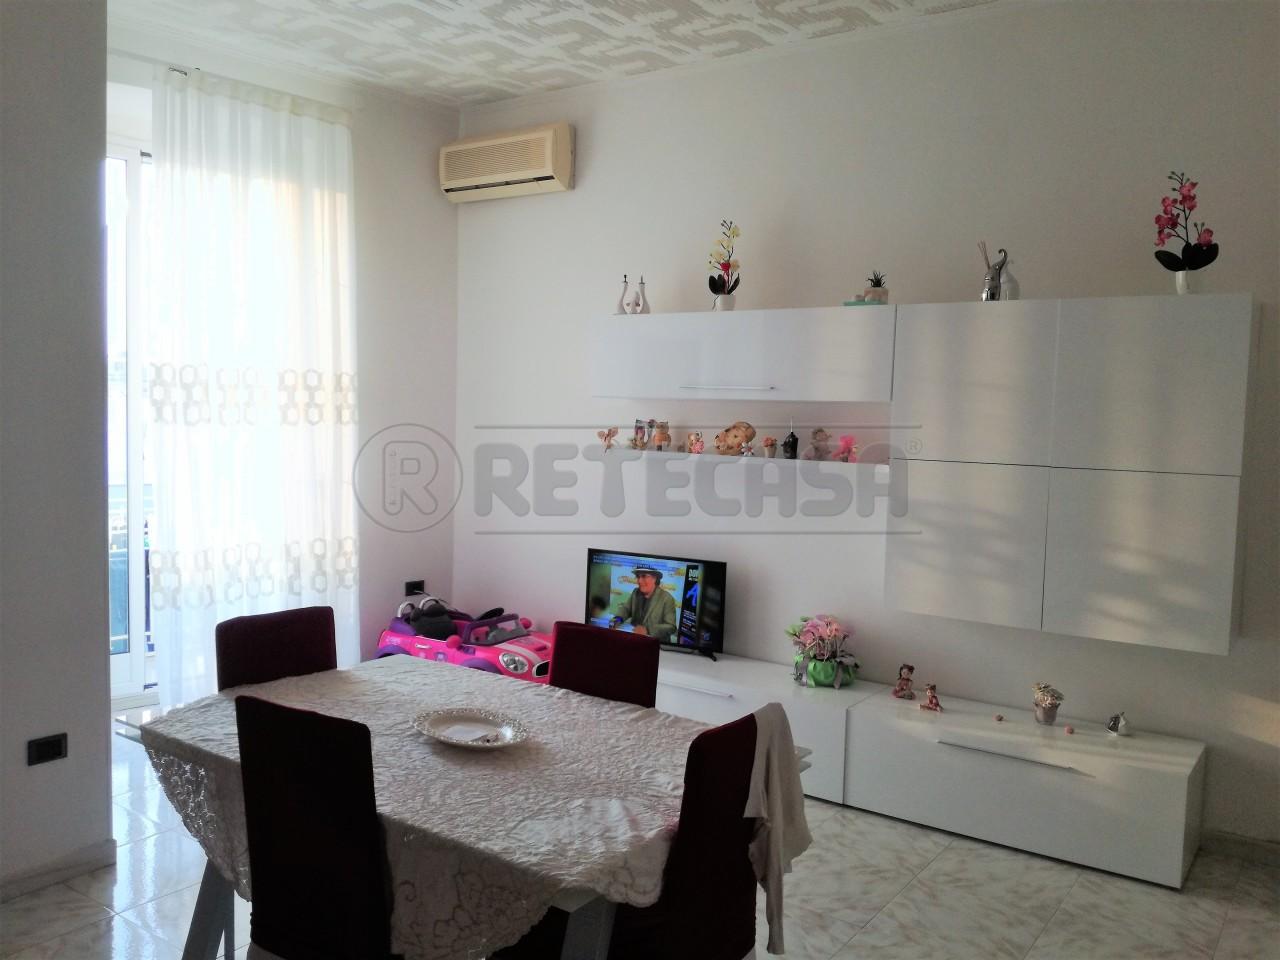 Appartamento in vendita a Molfetta, 3 locali, prezzo € 85.000 | Cambio Casa.it